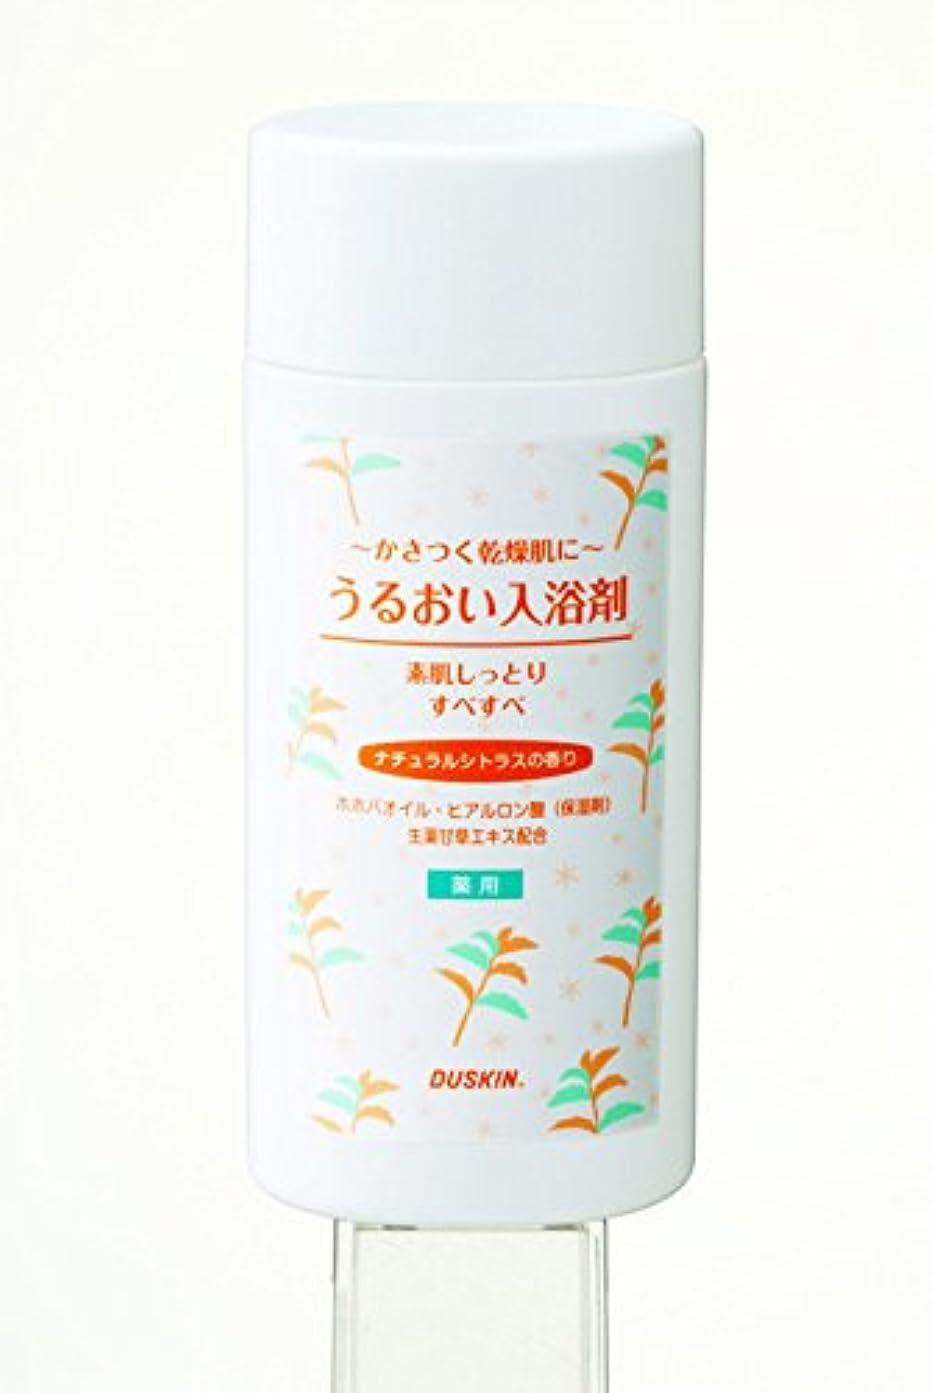 長椅子タワー泥ダスキン うるおい入浴剤 ナチュラルシトラスの香り 濁り湯タイプ300g